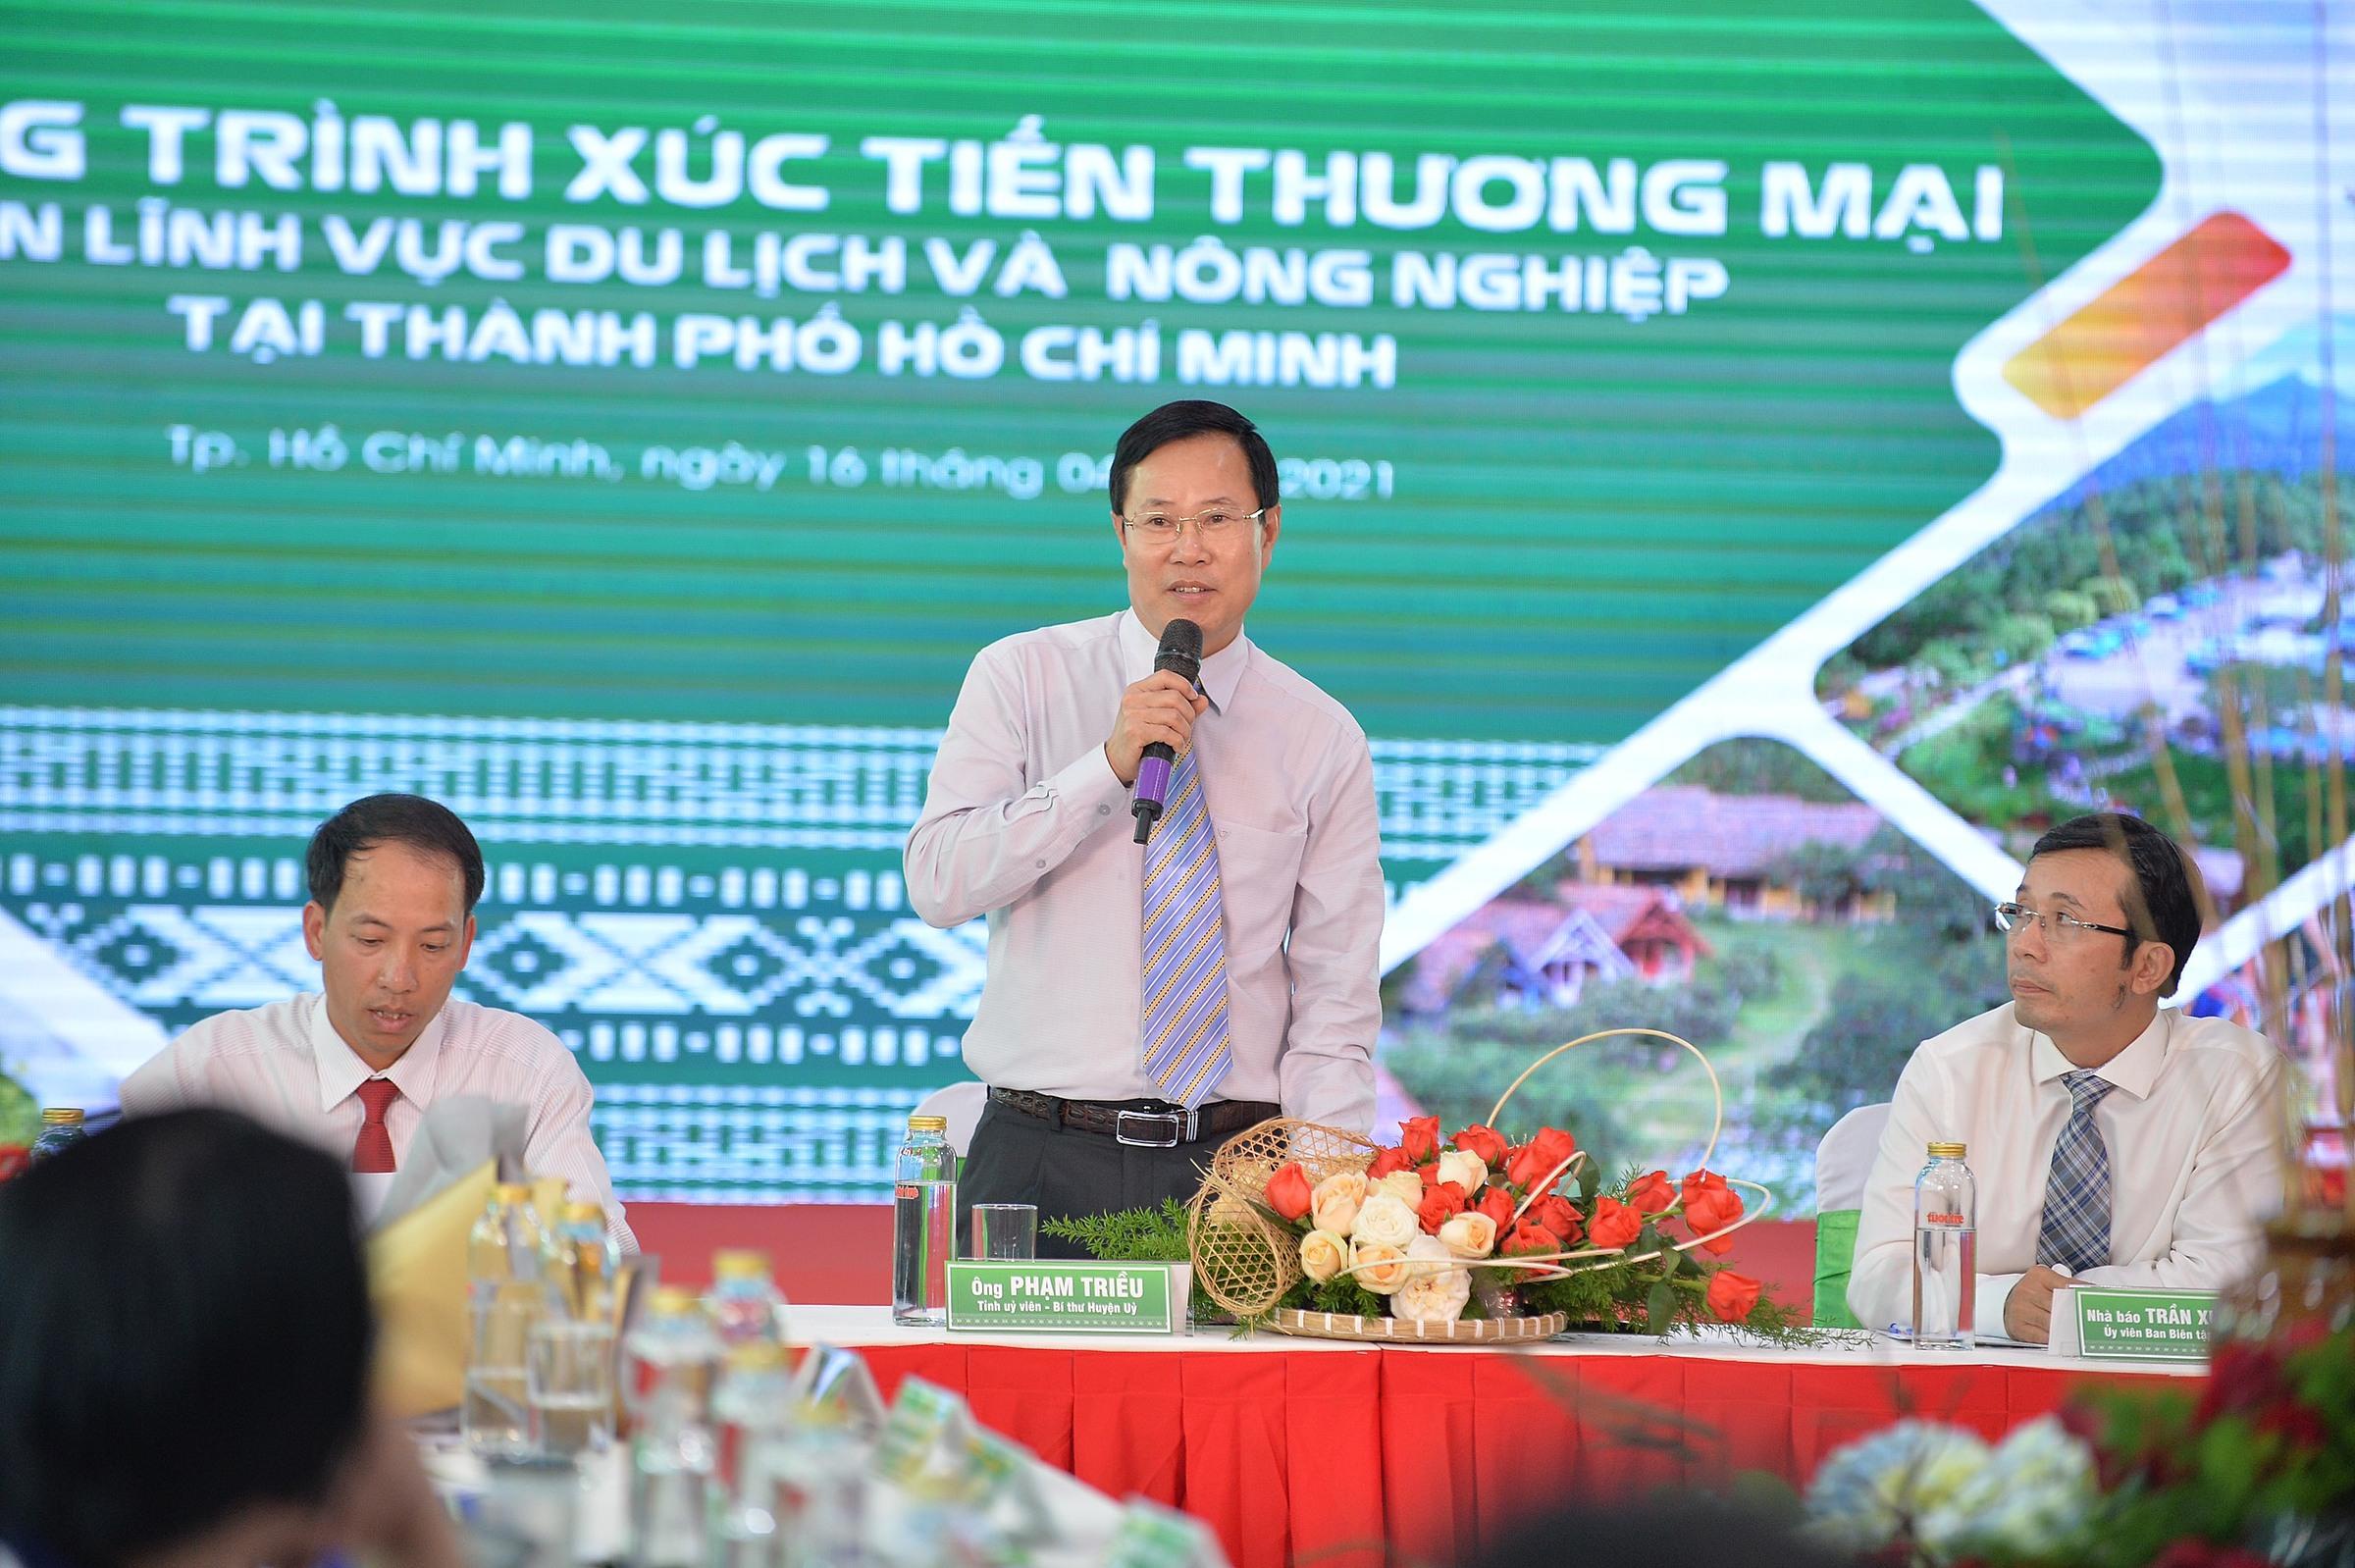 Ông Phạm Triều, Bí thư huyện Lạc Dương (Lâm Đồng) tại buổi tọa đàm chiều 16/4. Ảnh: Tuổi trẻ.